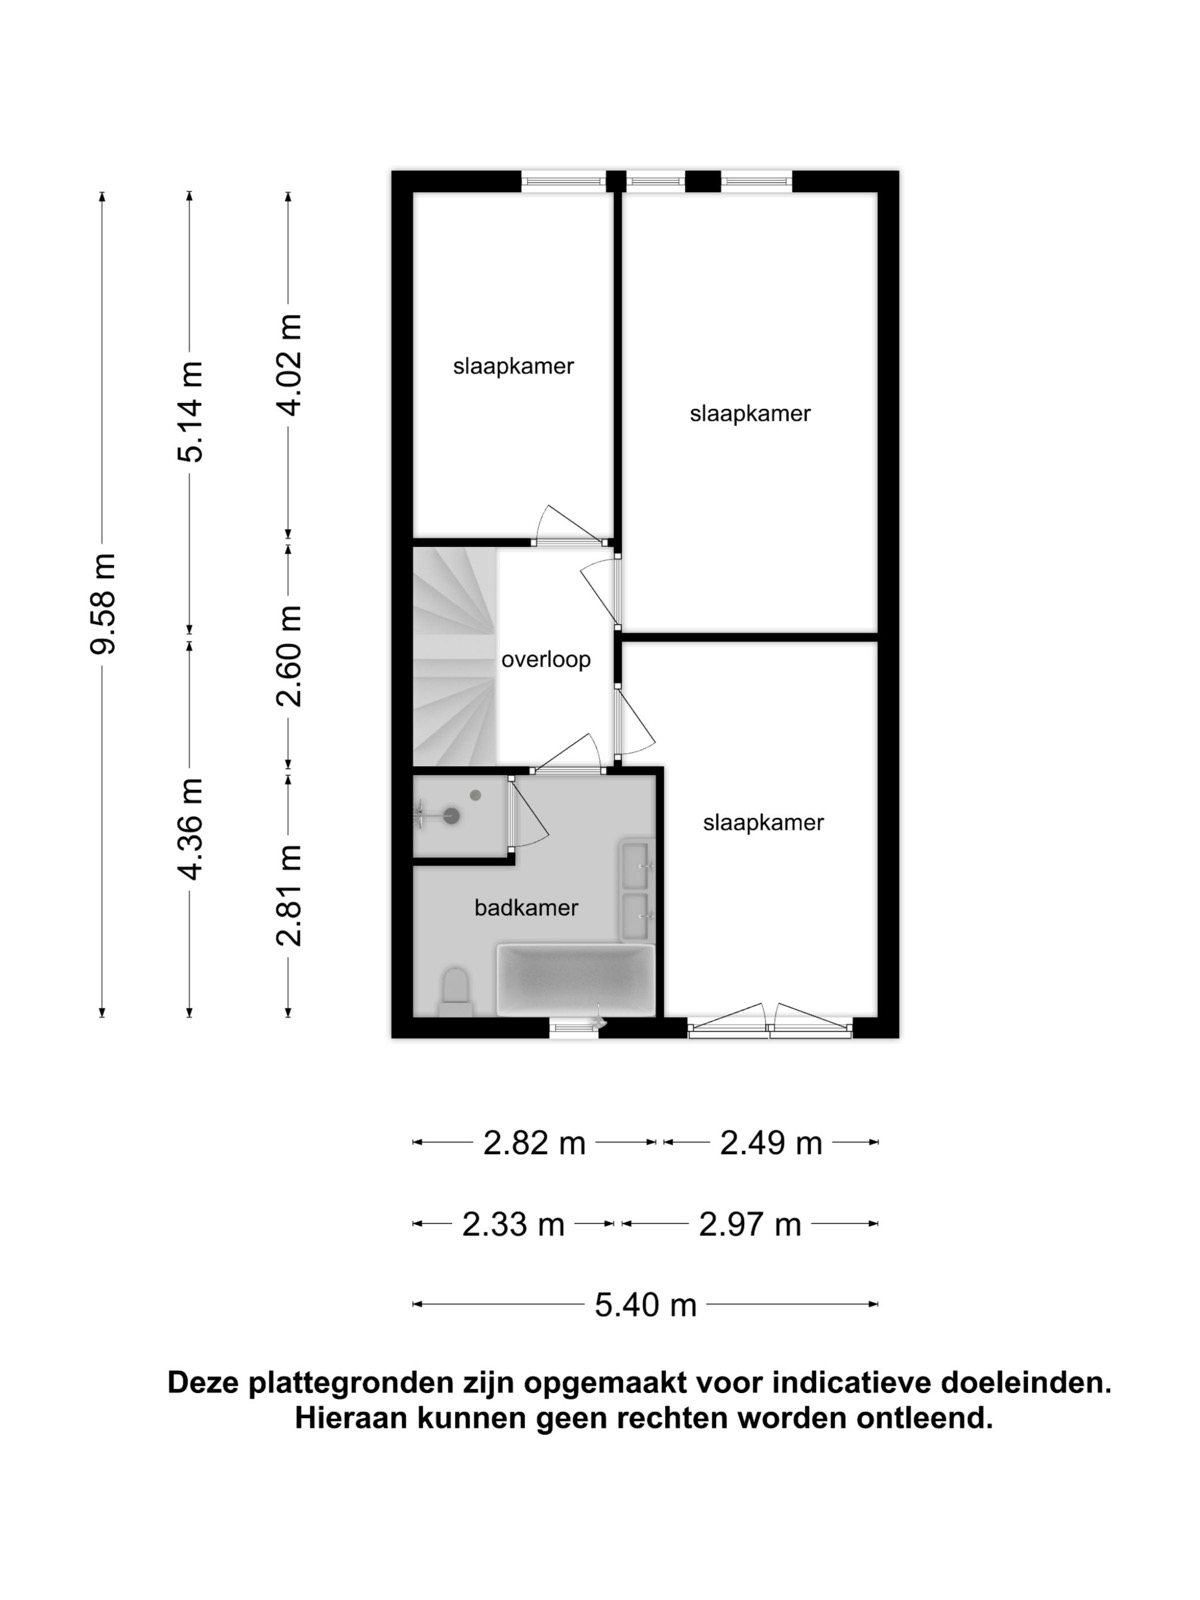 waterpeil-2-sneek-plattegrond-18